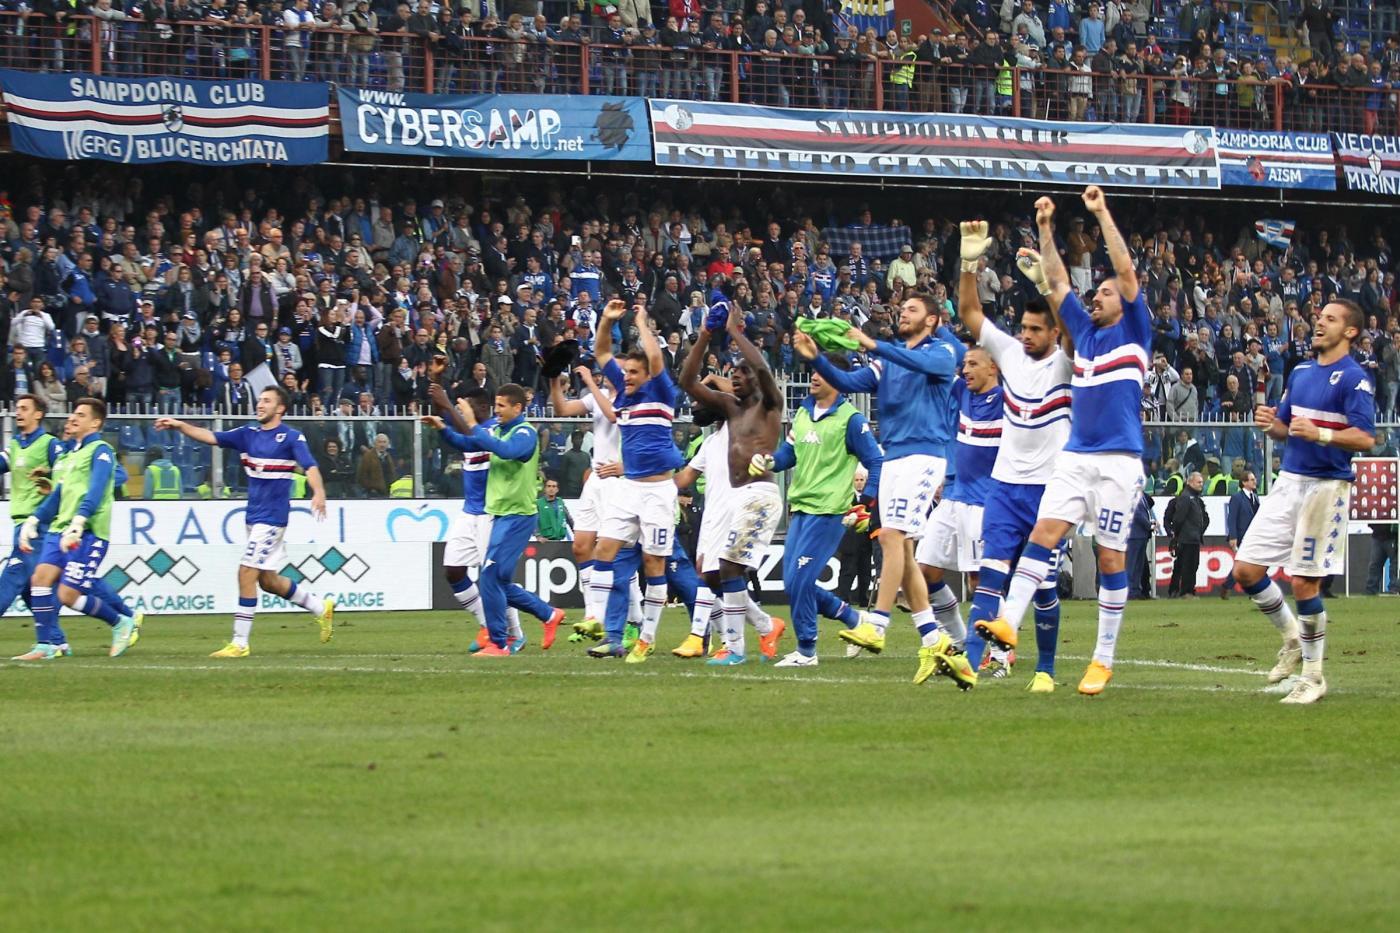 Pagelle Serie A 2014/15: i voti dopo la decima giornata